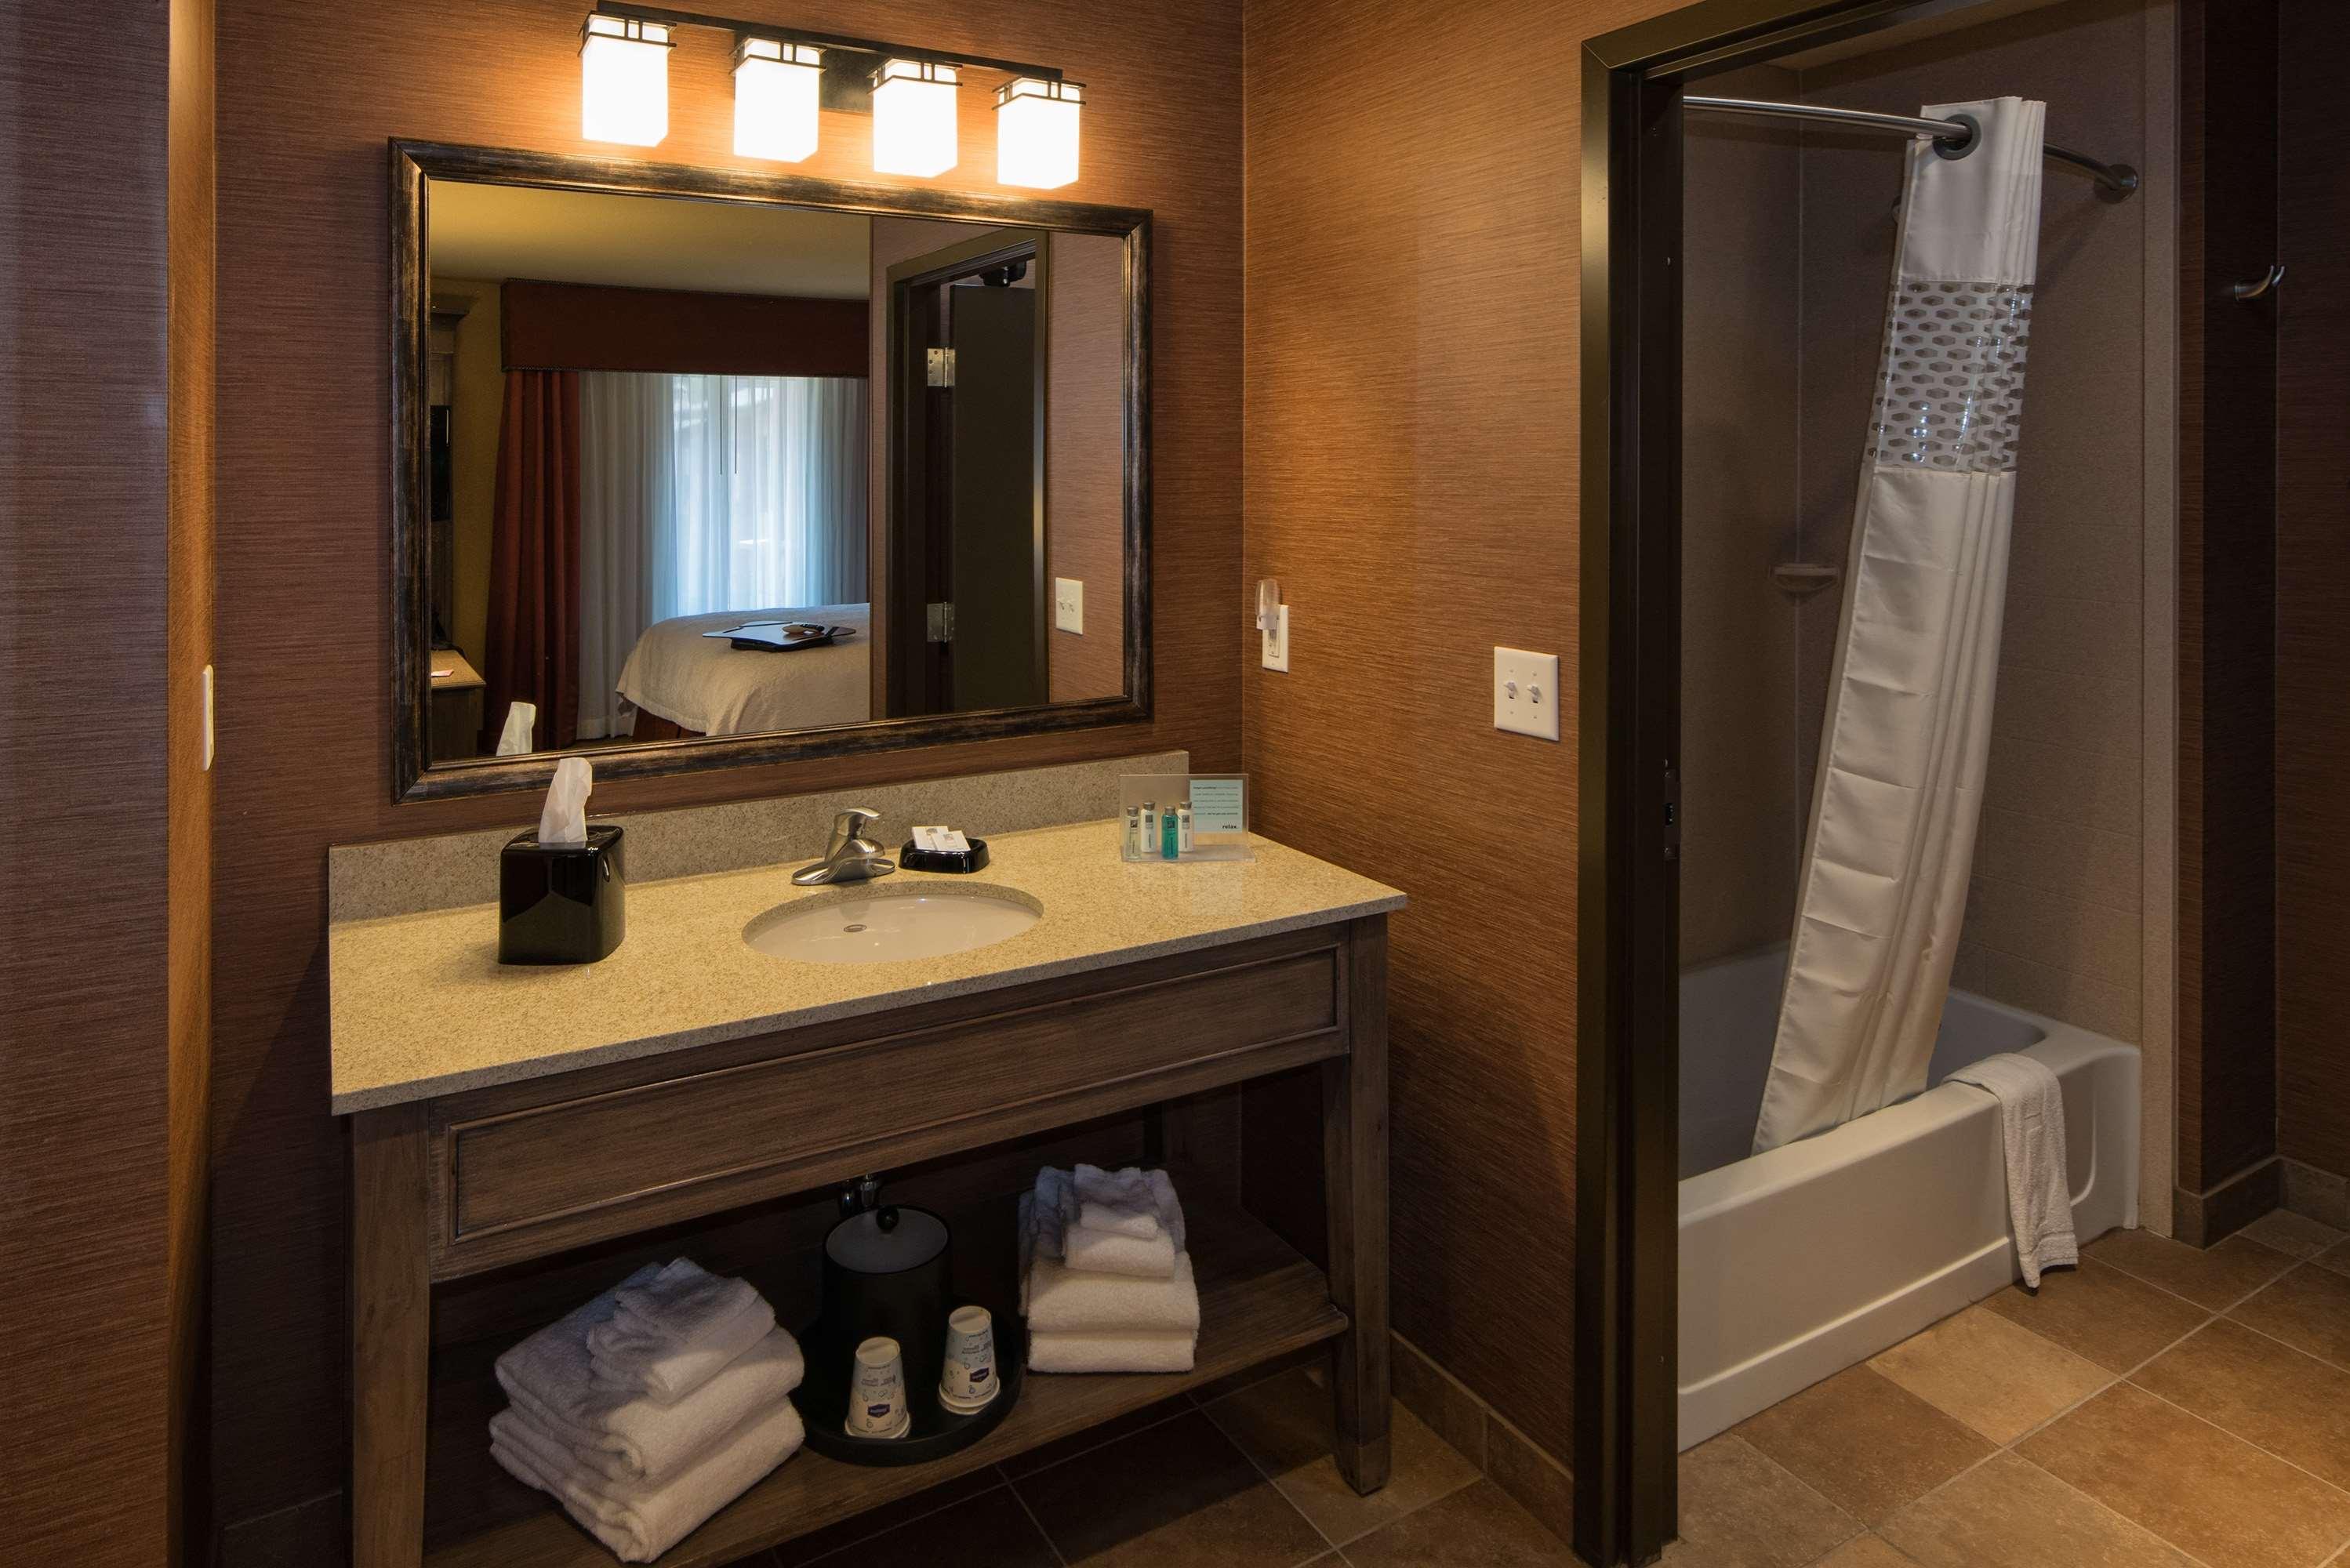 Hampton Inn & Suites Springdale/Zion National Park image 15